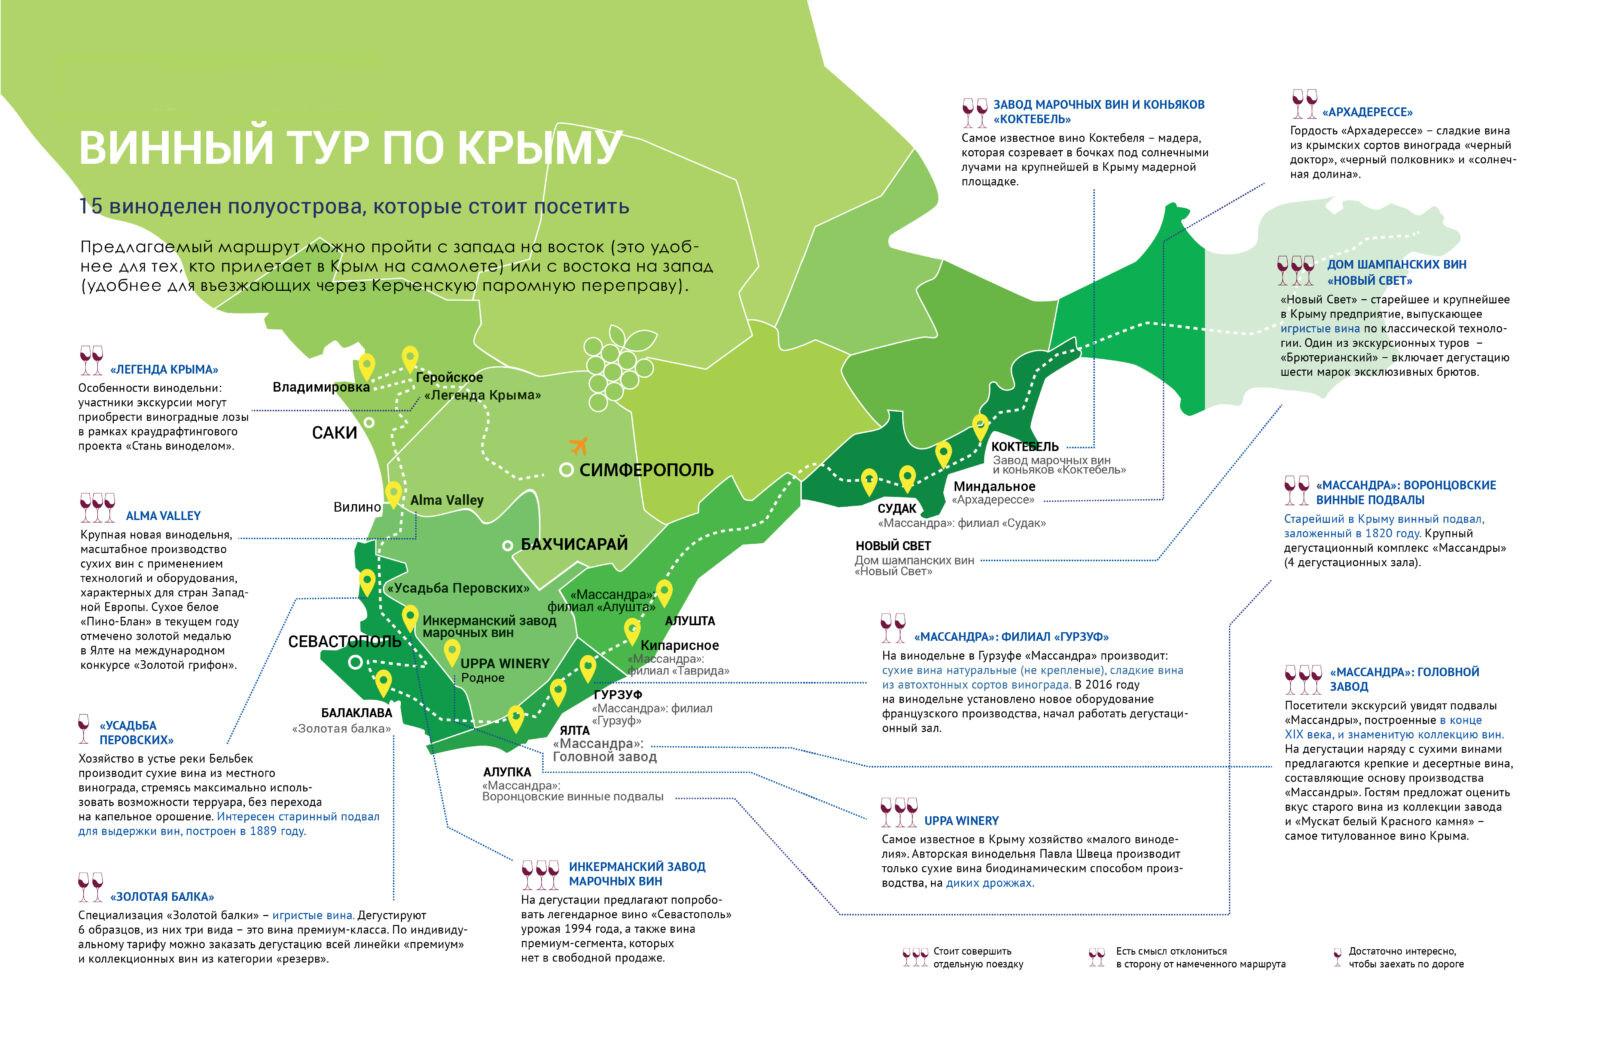 Топ-3 популярных экскурсии по заводам вин в Крыму: маршруты, условия, цены